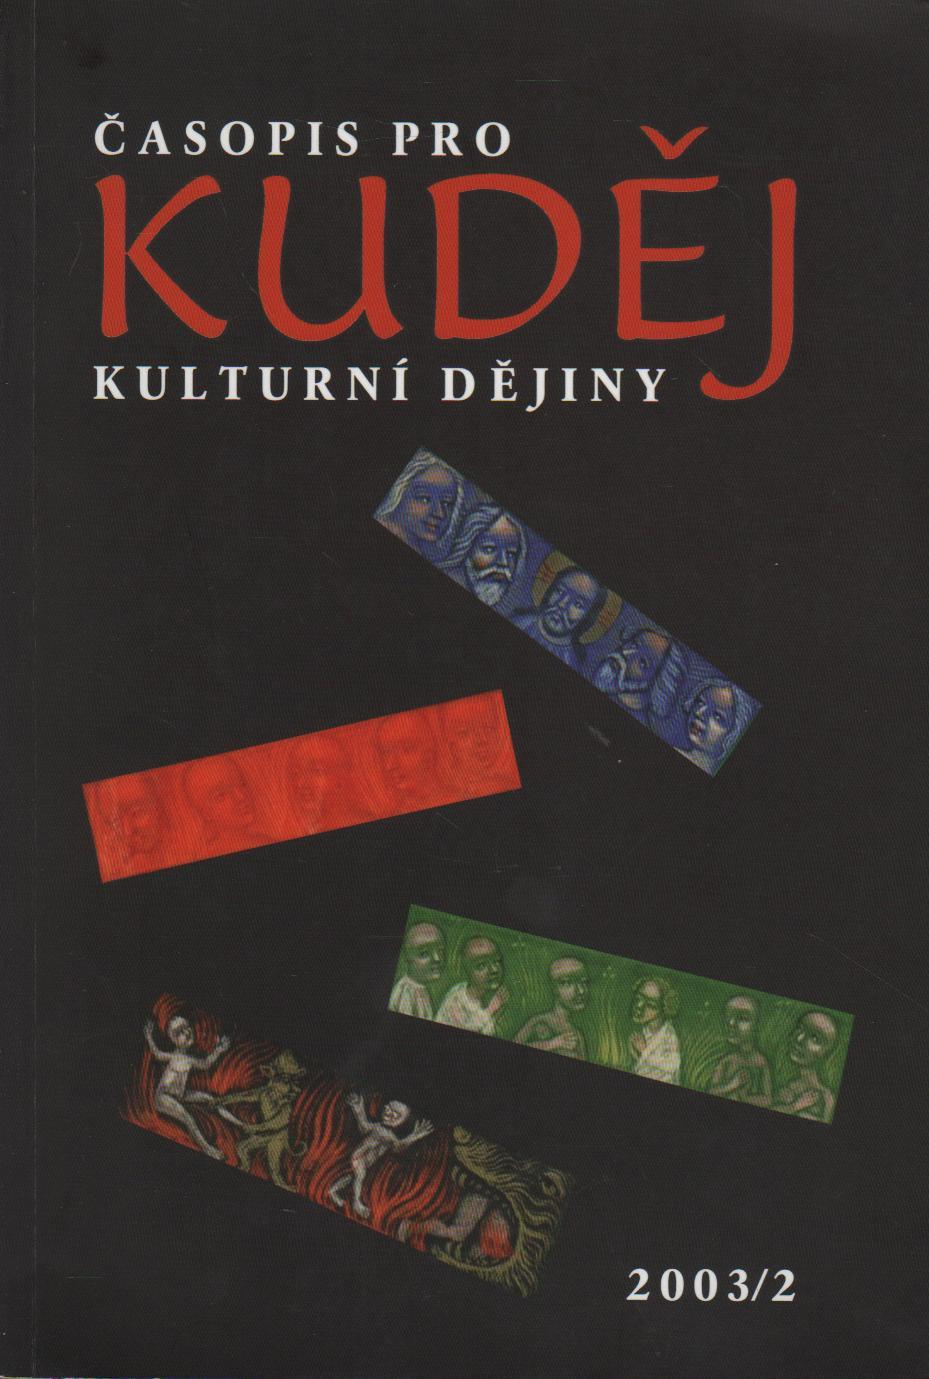 Kuděj, Časopis pro kulturní dějiny 2003/2